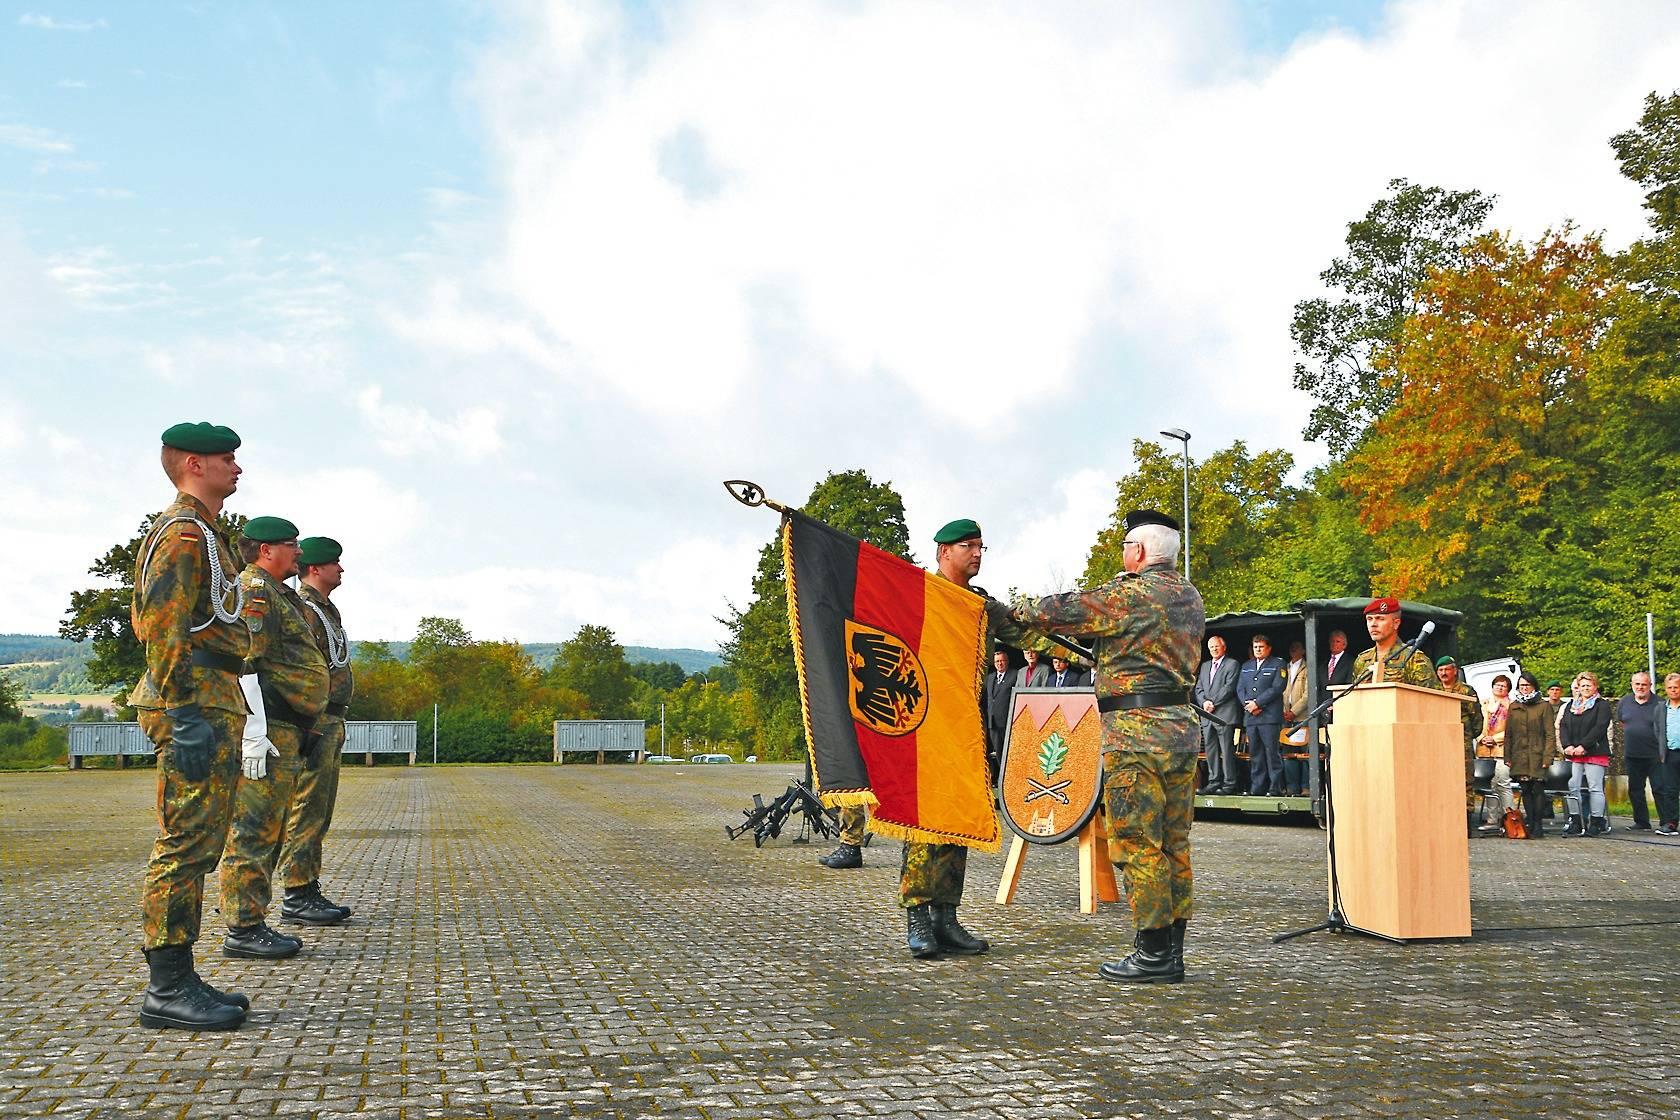 In Hardheim geht der letzte Kommandeur von Bord - Buchen - Rhein ...